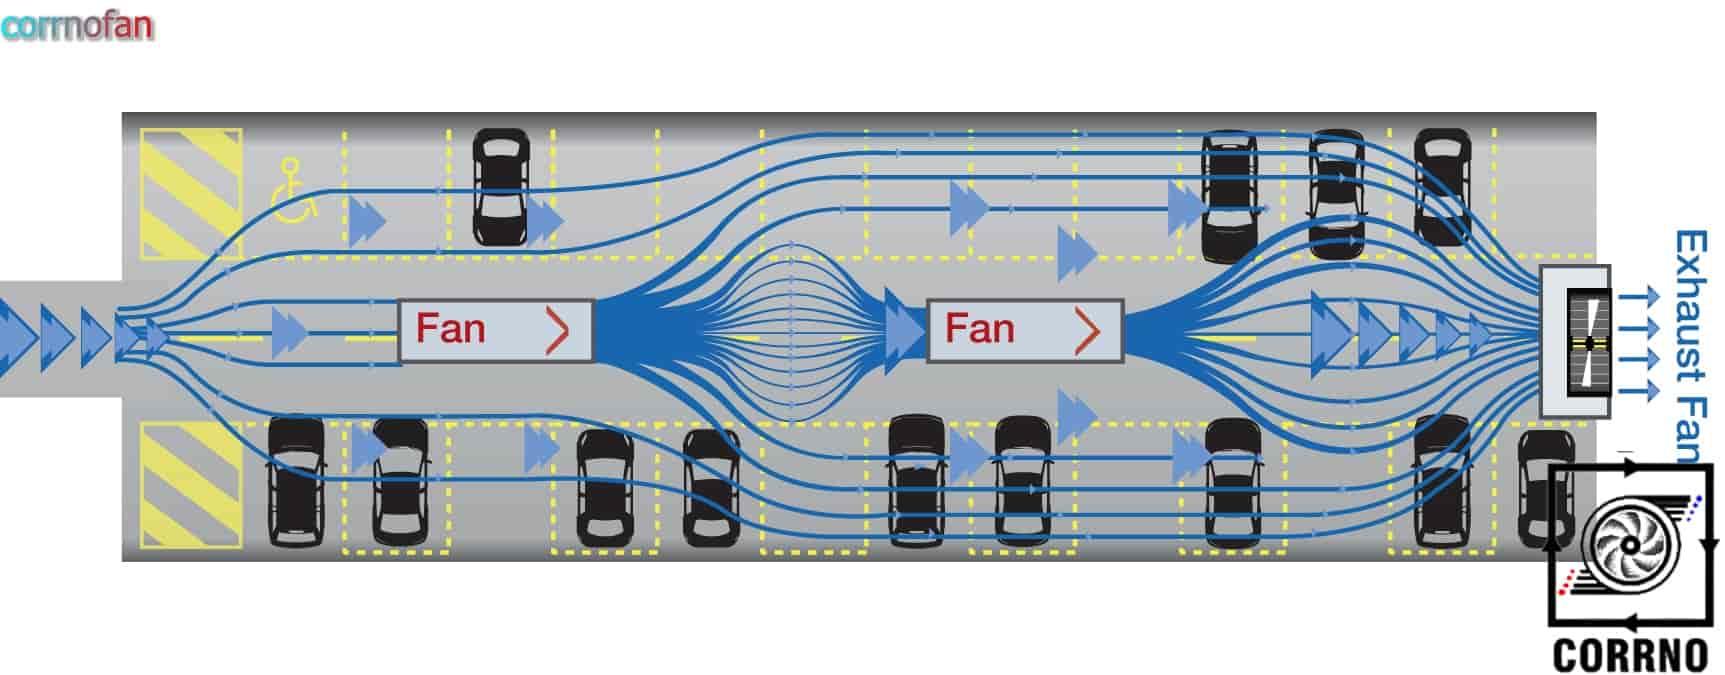 جت فن های  پارکینگی-کارنو فن